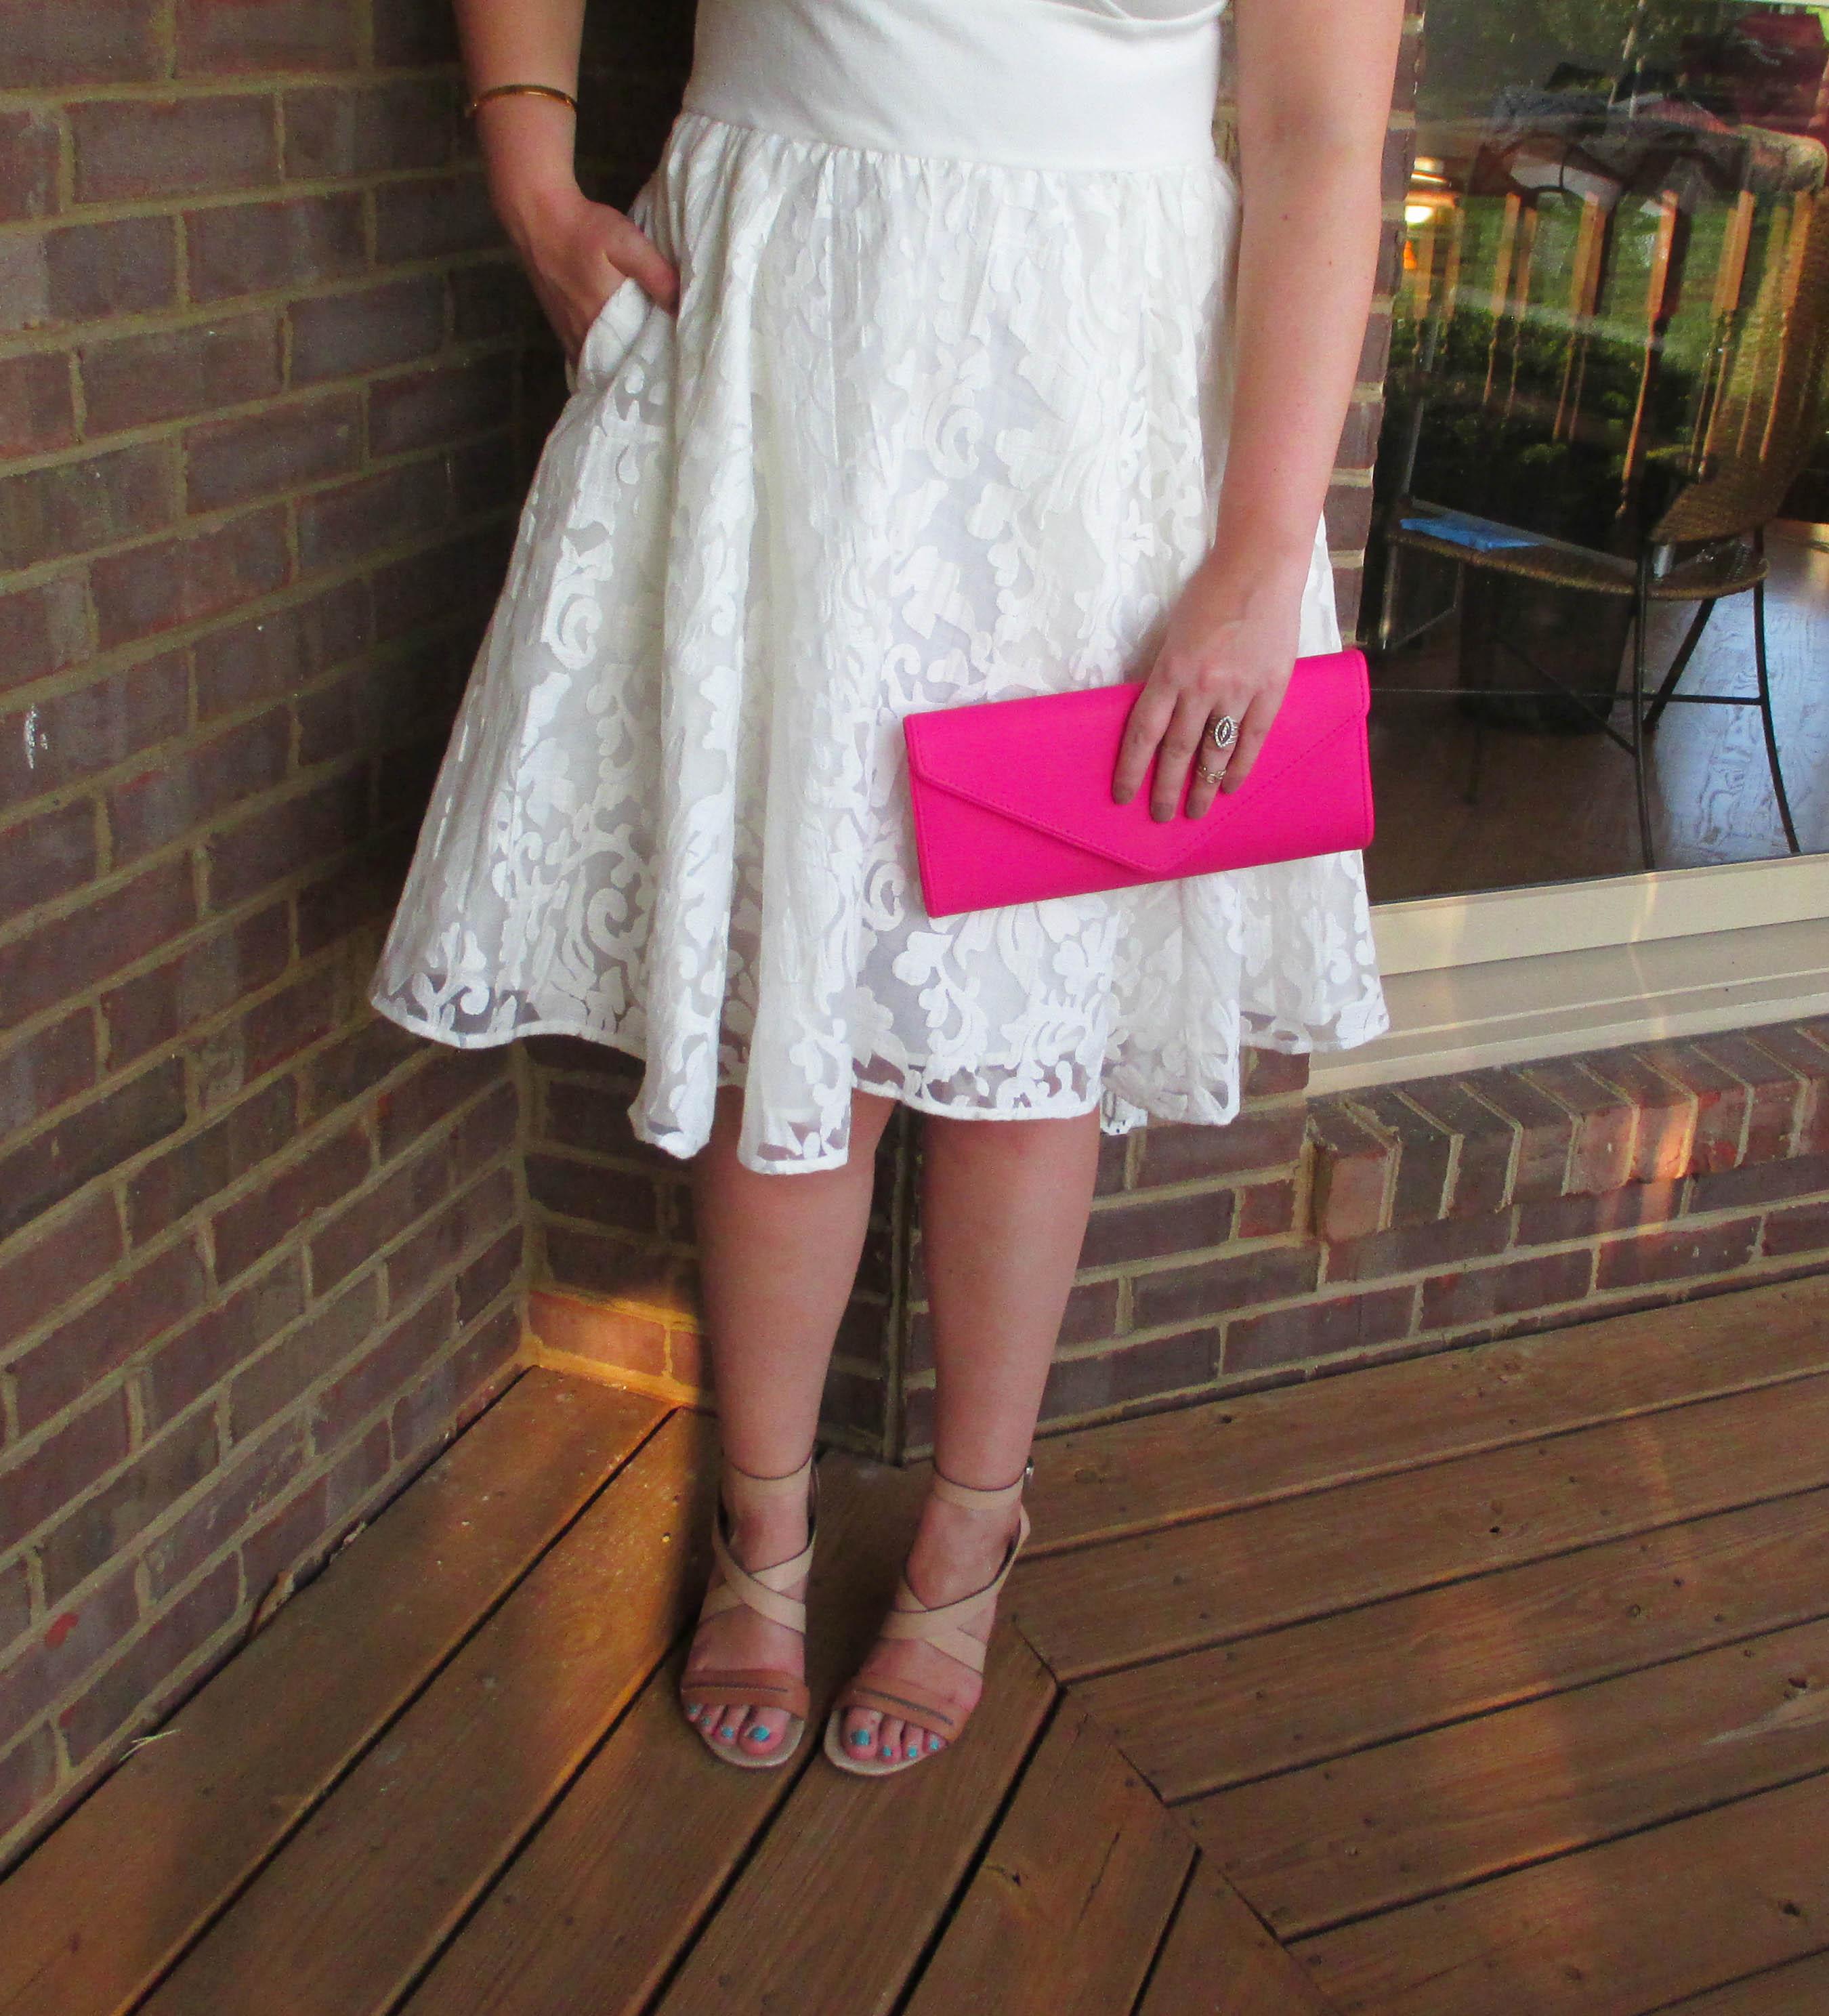 lauren allen fashion blog 8-23-15b